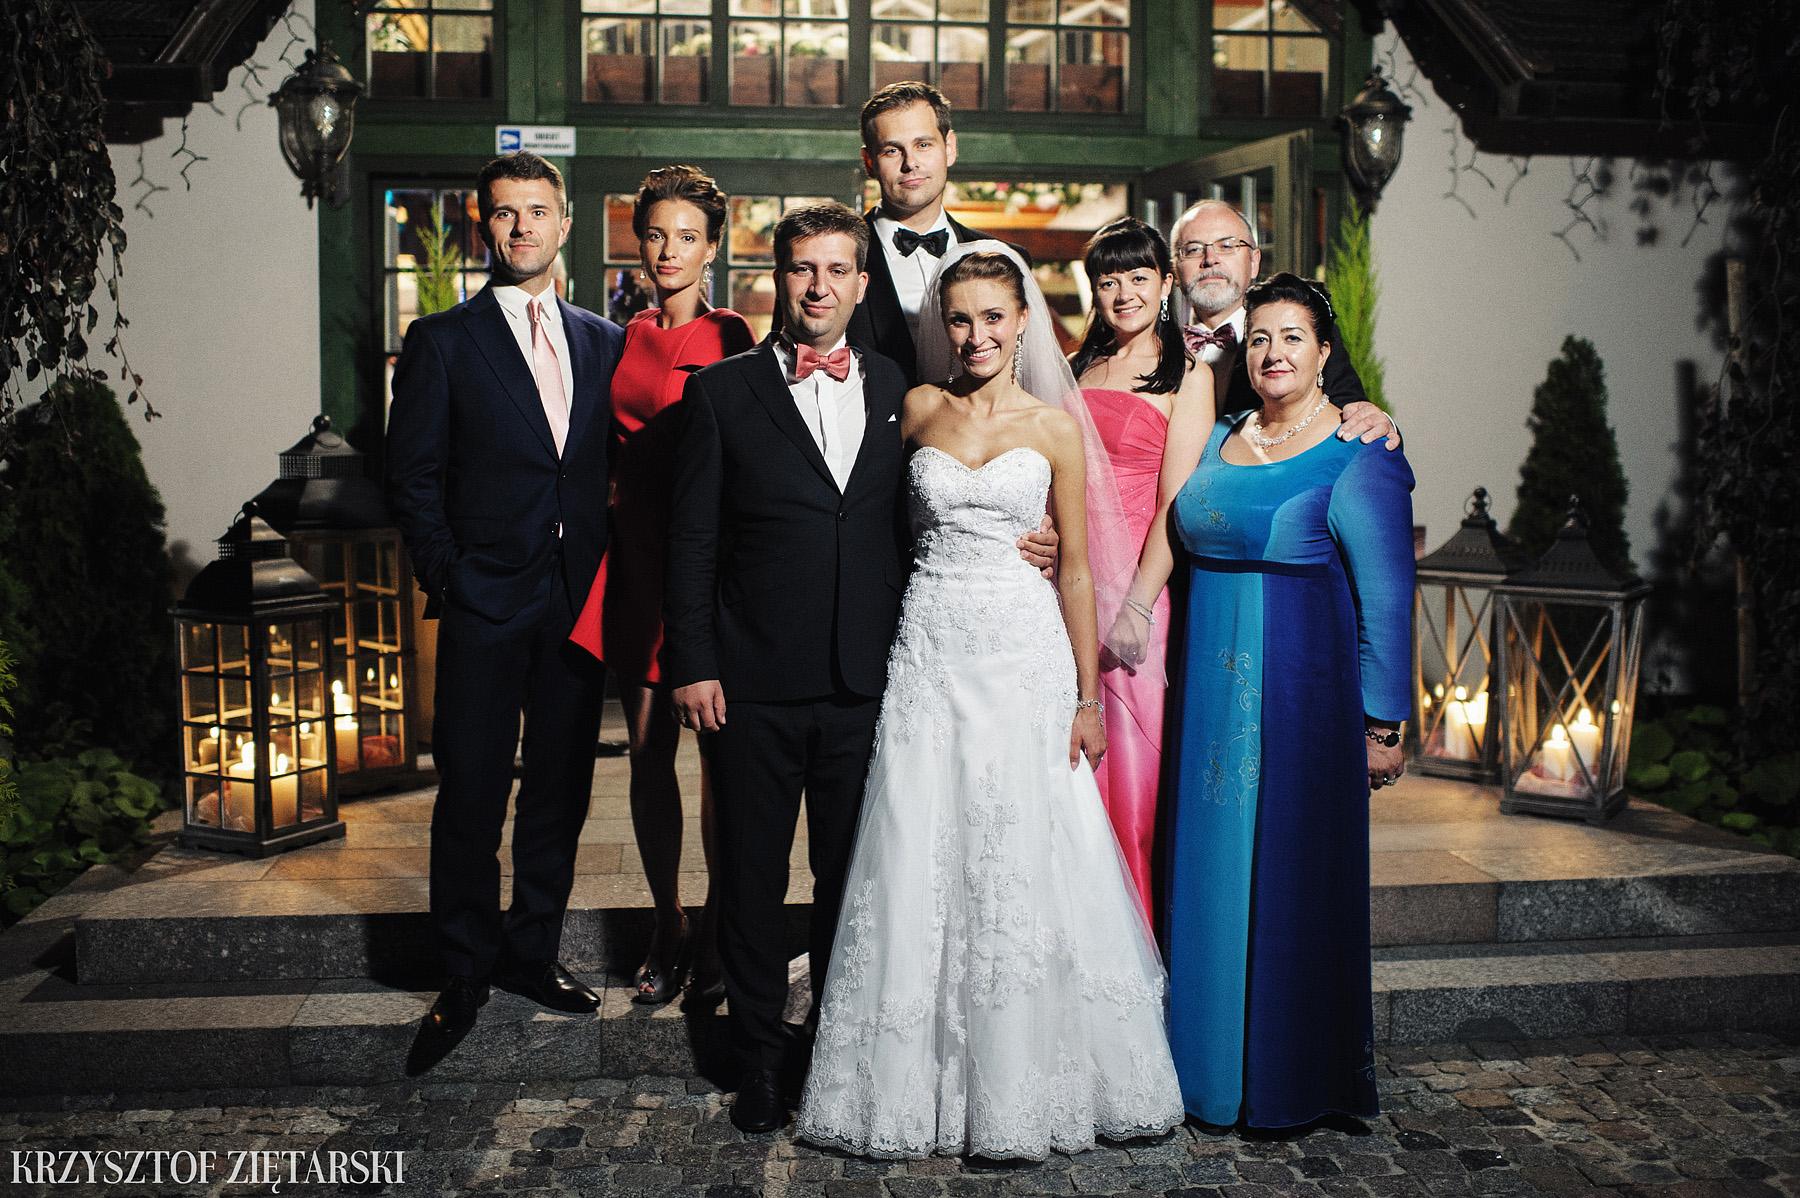 Karolina i Jacek - Fotografia ślubna Gdańsk, Chwaszczyno, Gościniec dla Przyjaciół Wyczechowo Hilary - 36.